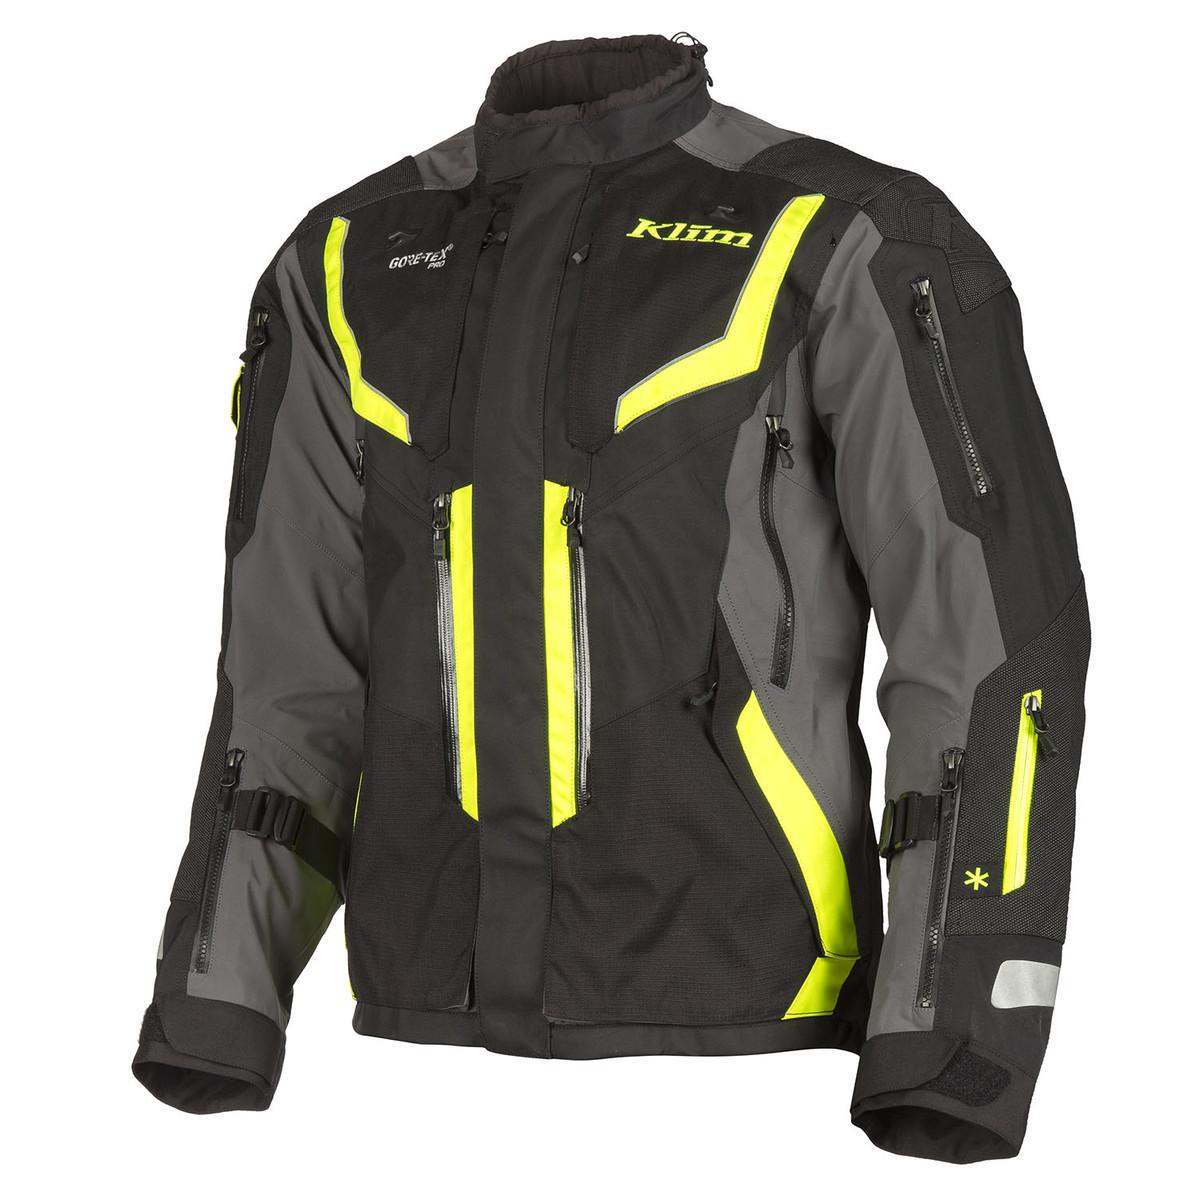 Badlands Pro Jacket Hi-Vis